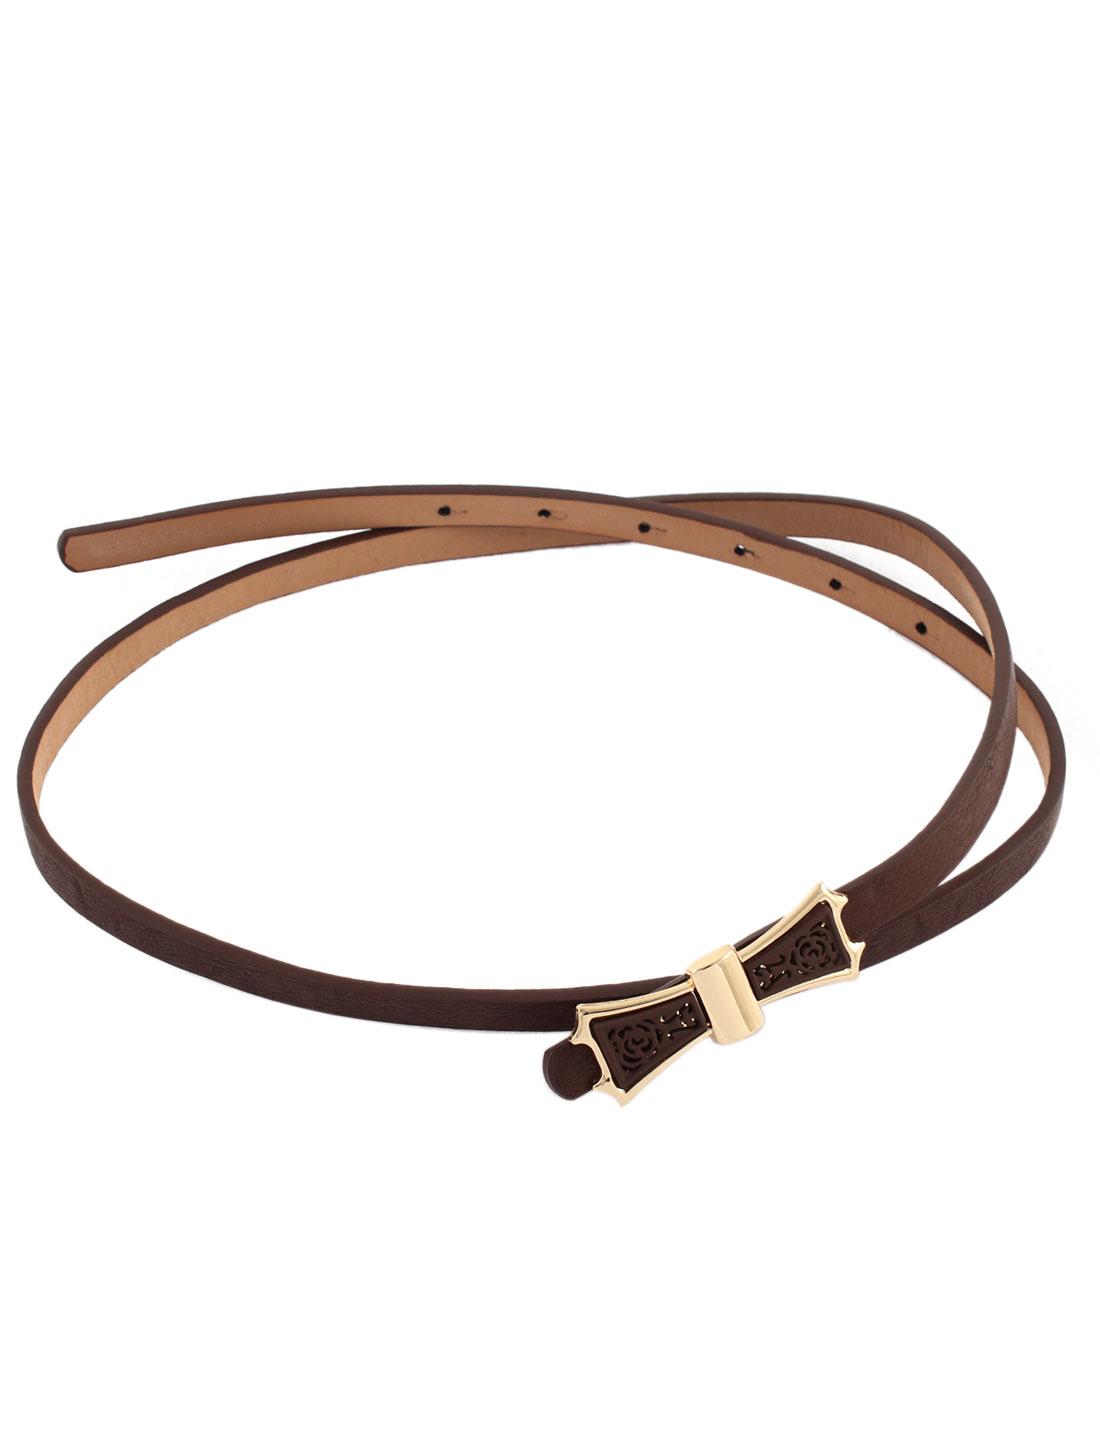 Press Buckle Slim Adjustable Waist Belt for Lady